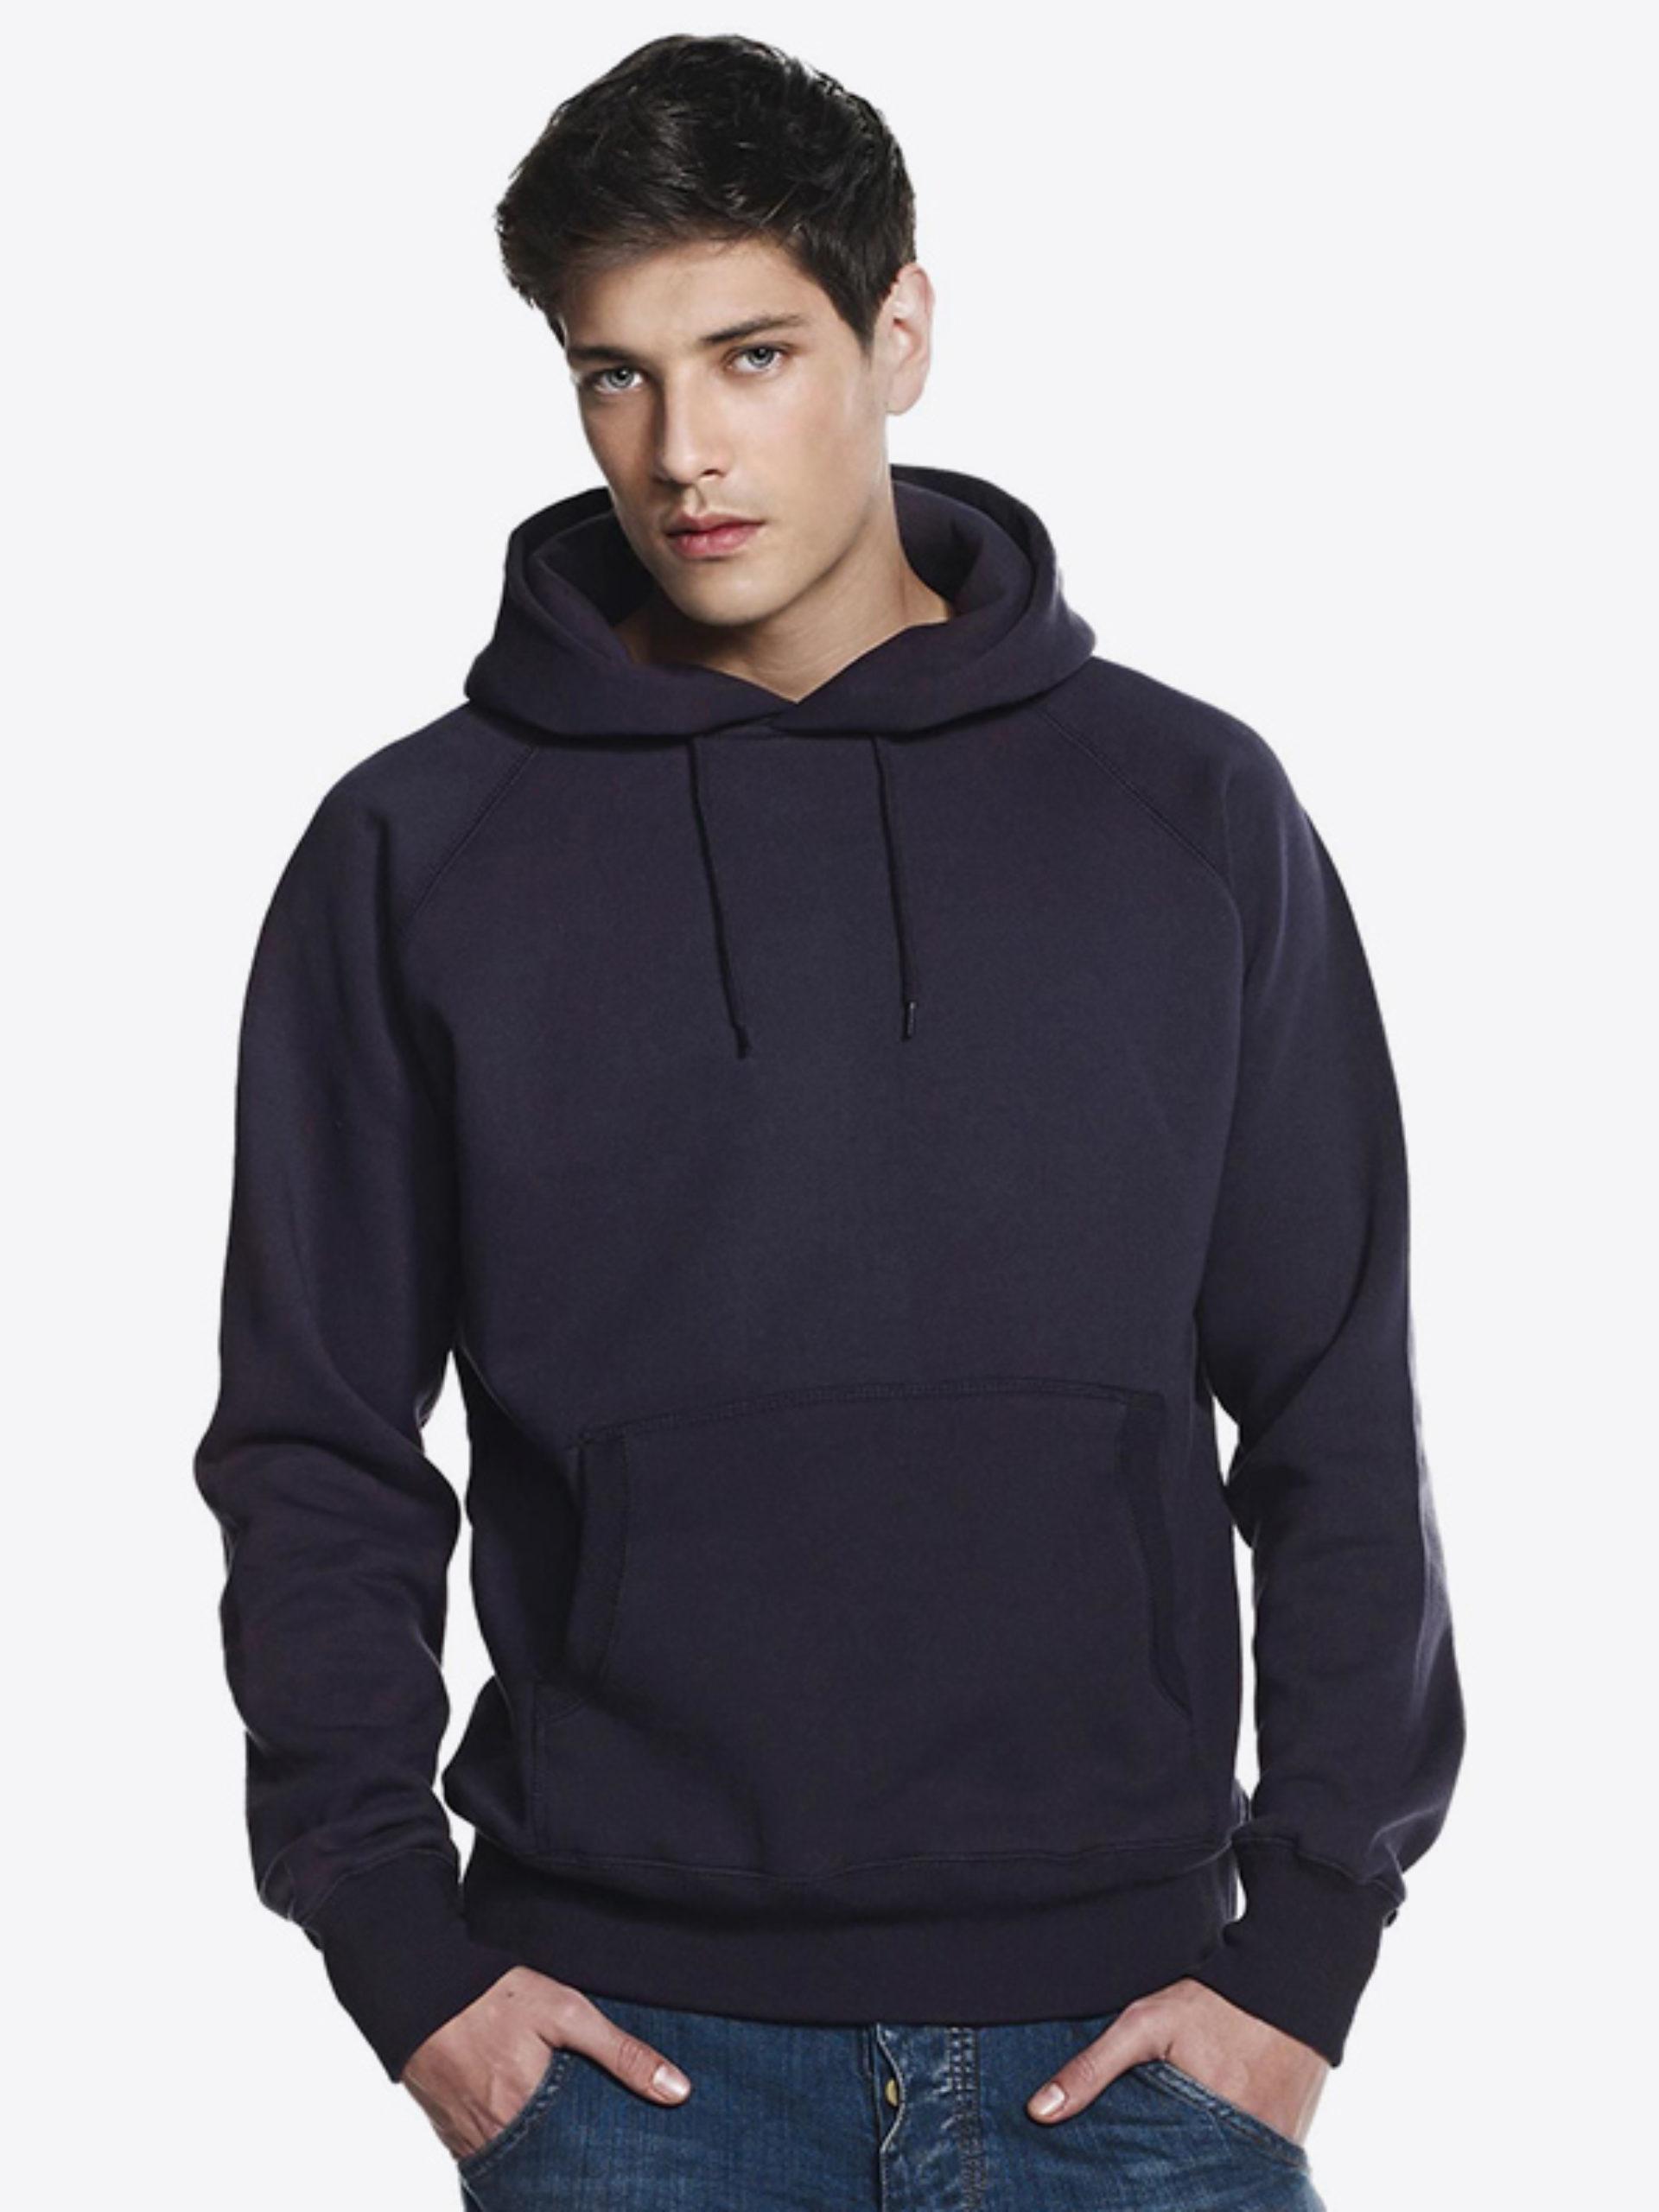 Herren Sweatshirt Hoodie Continental N51p